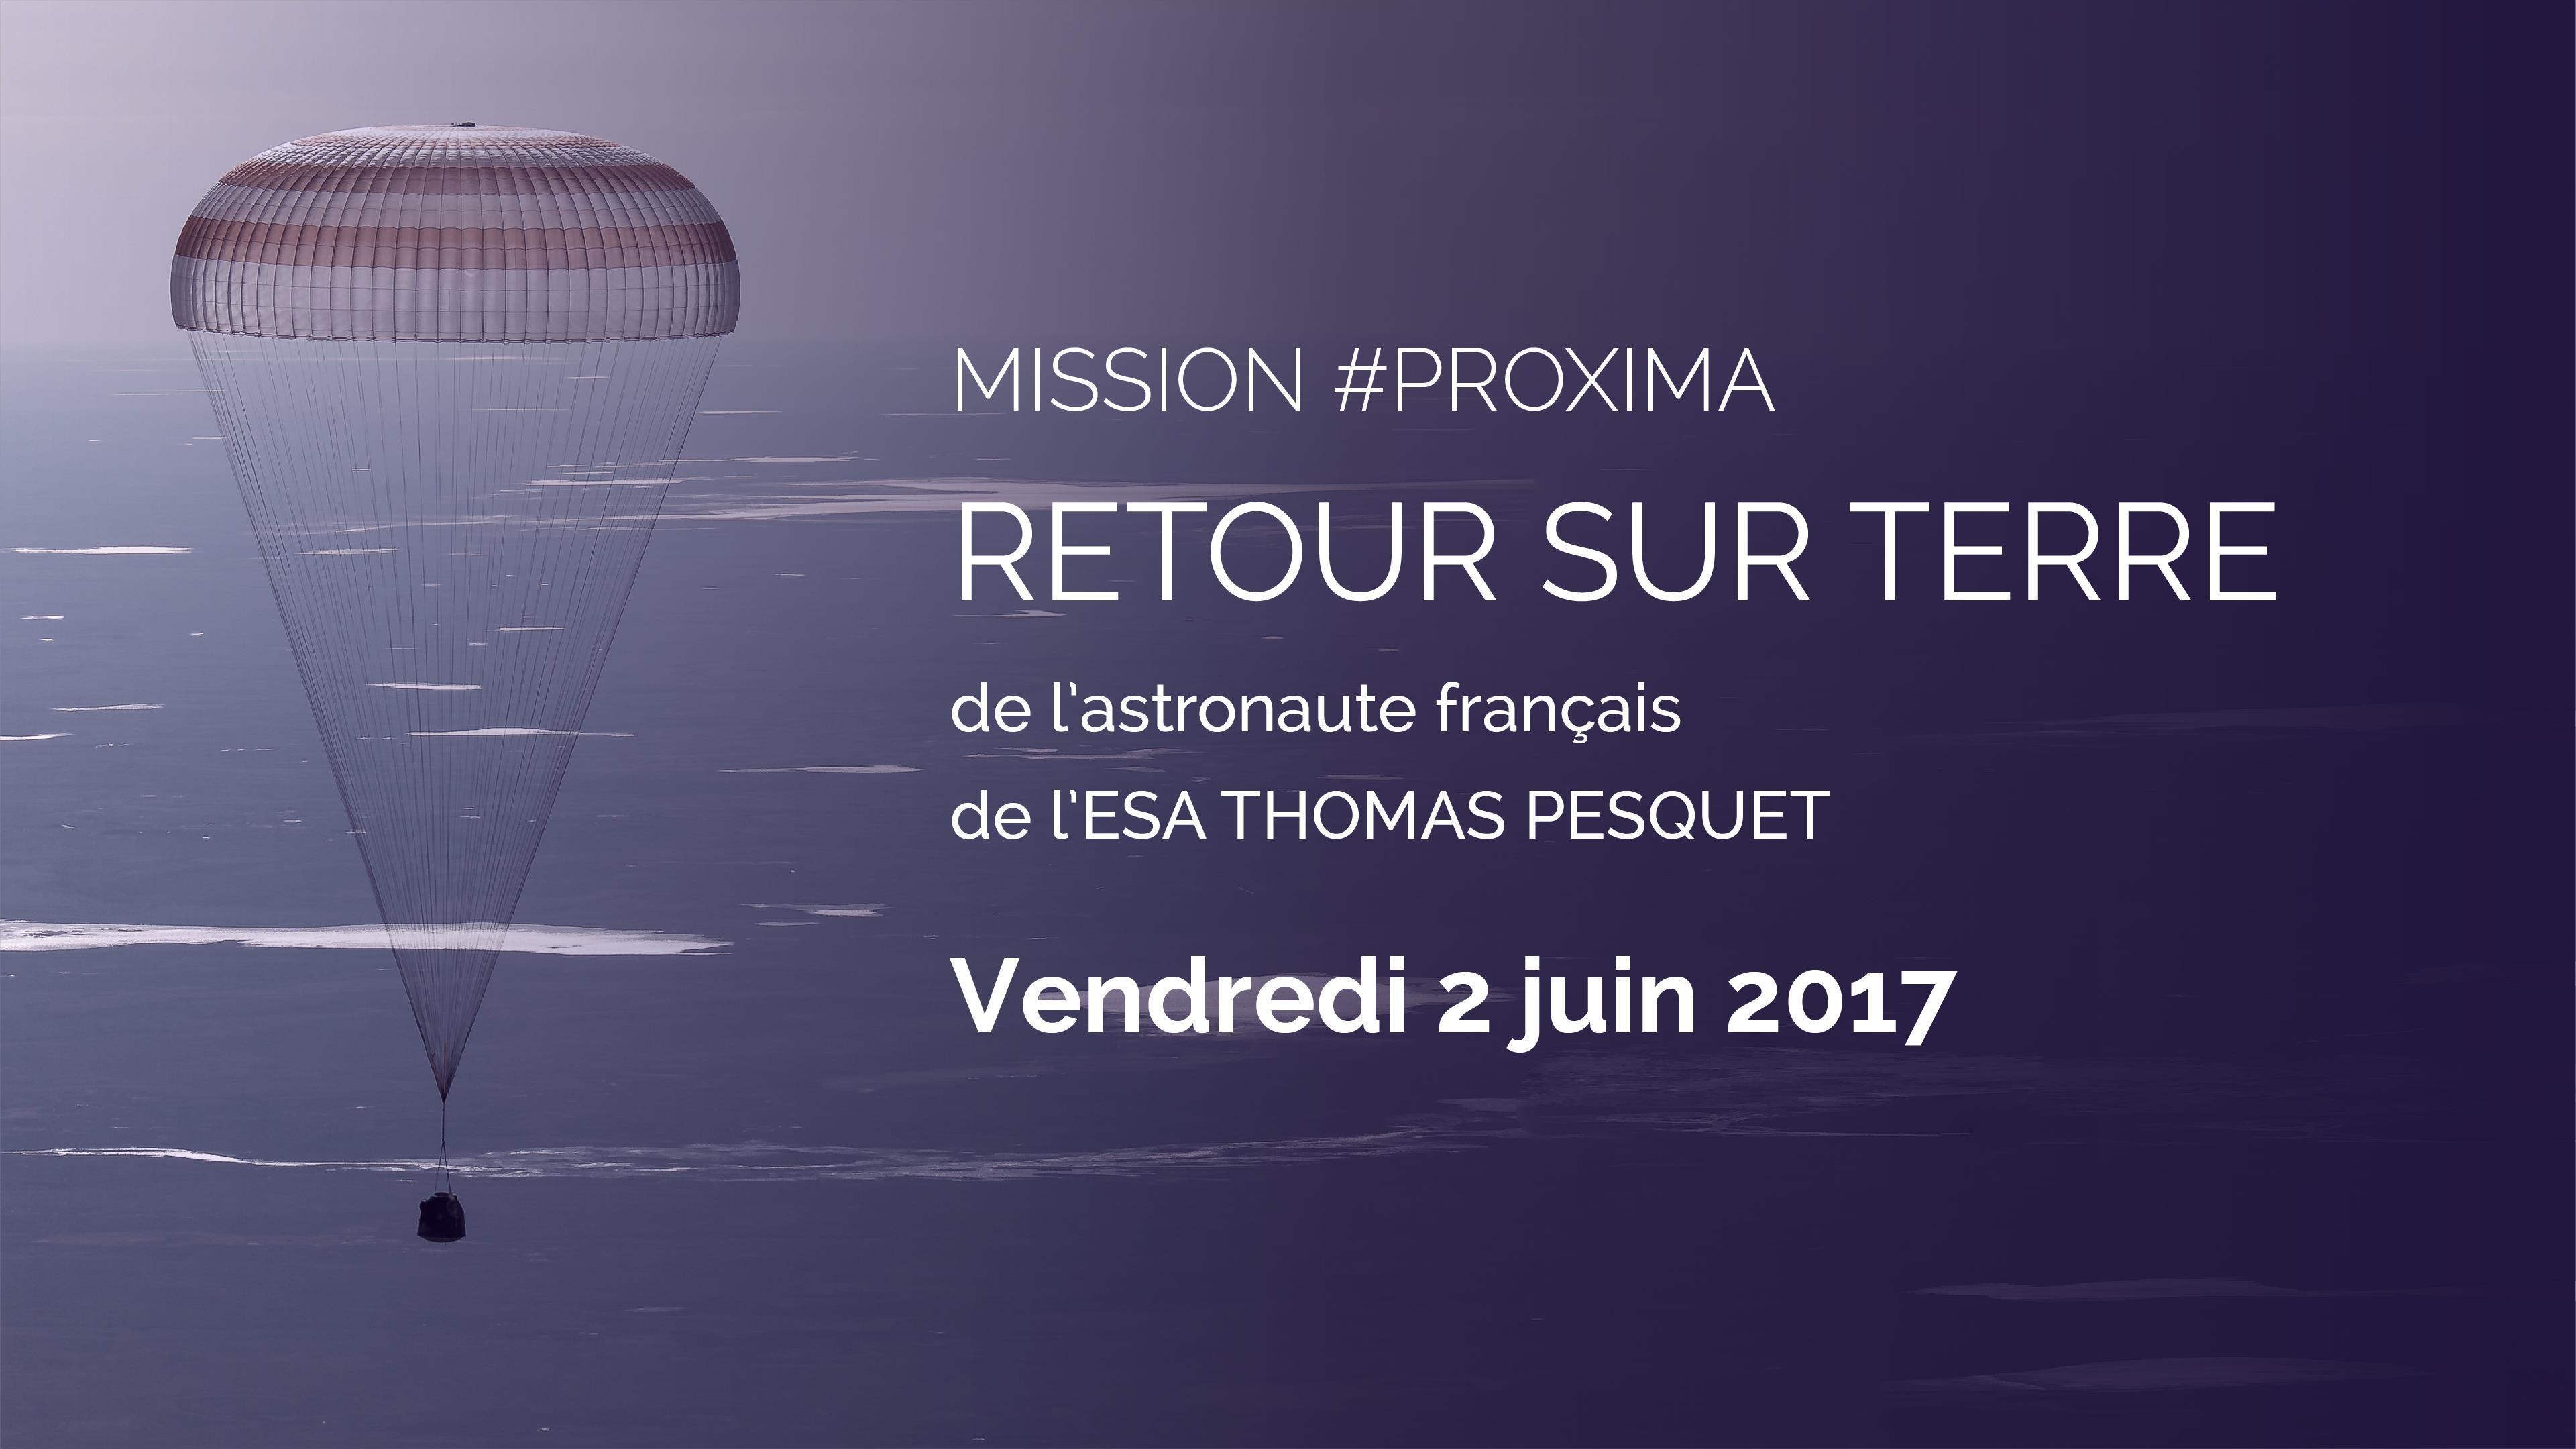 prx_retour_sur_terre_ecran.jpg